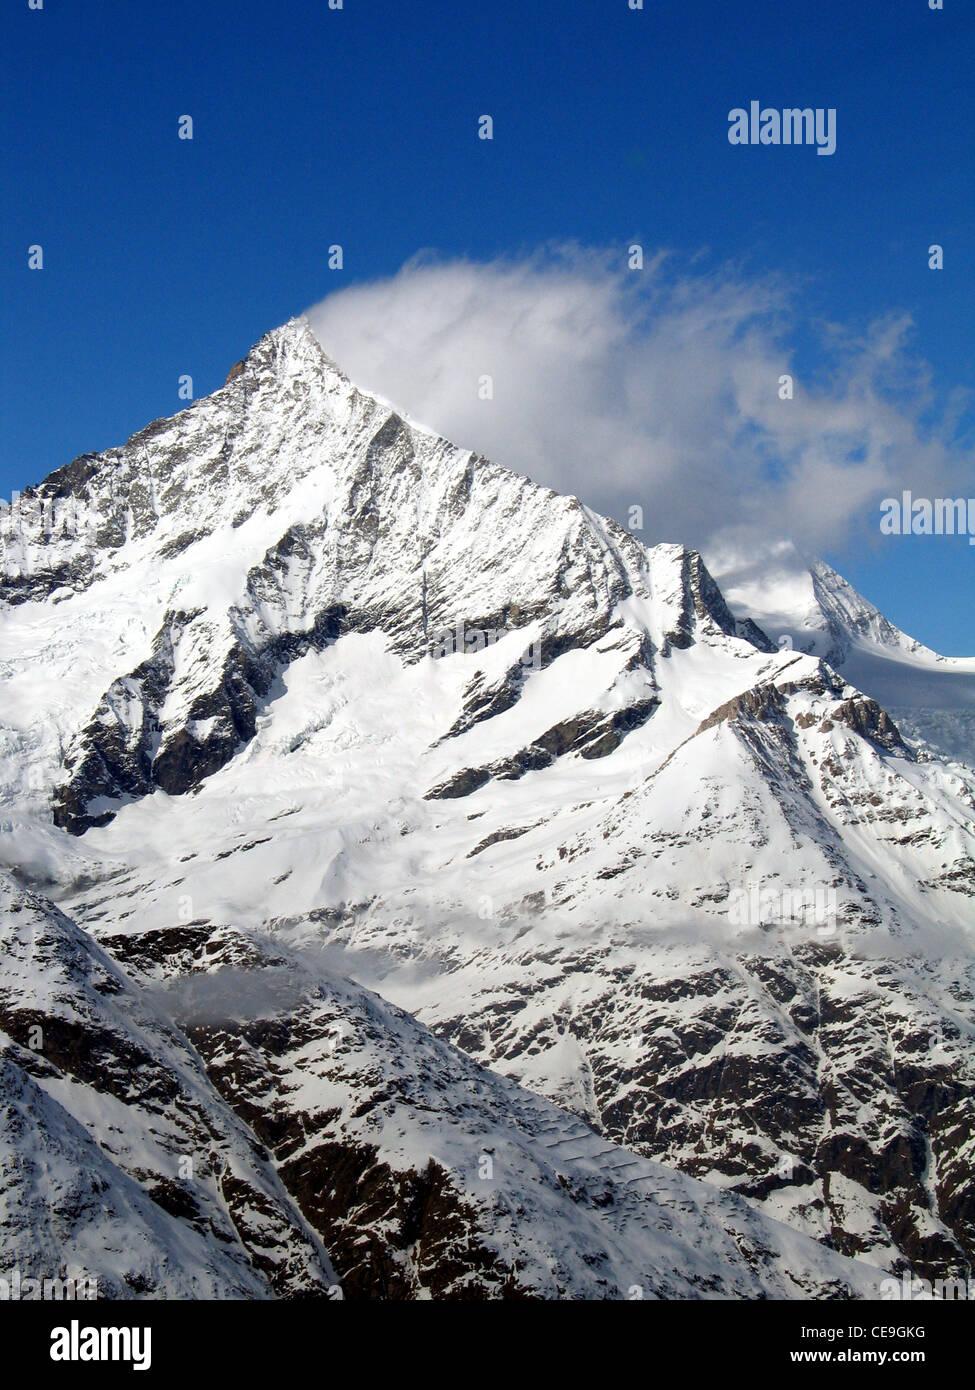 La vista del matterhorn, monte cervino o mont cervin montagna nelle Alpi Pennine al confine tra la Svizzera e l'Italia. Foto Stock